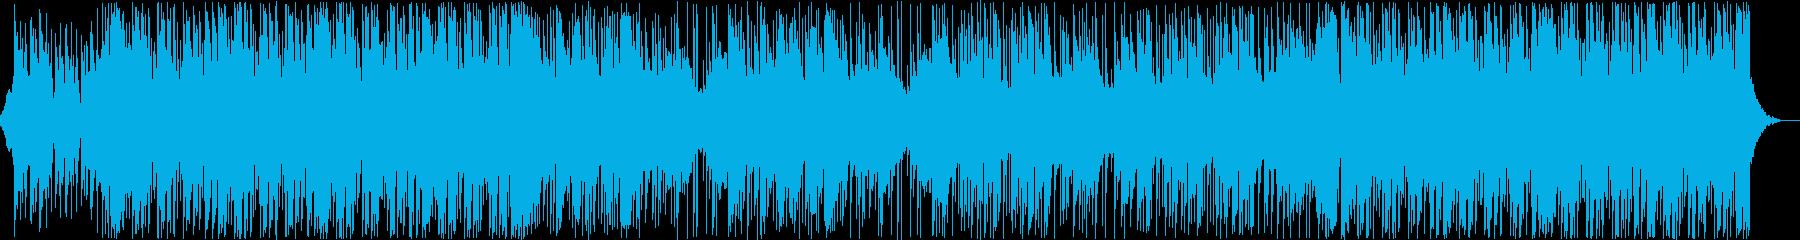 ダンス・妖艶・Kpop・OP・EDの再生済みの波形